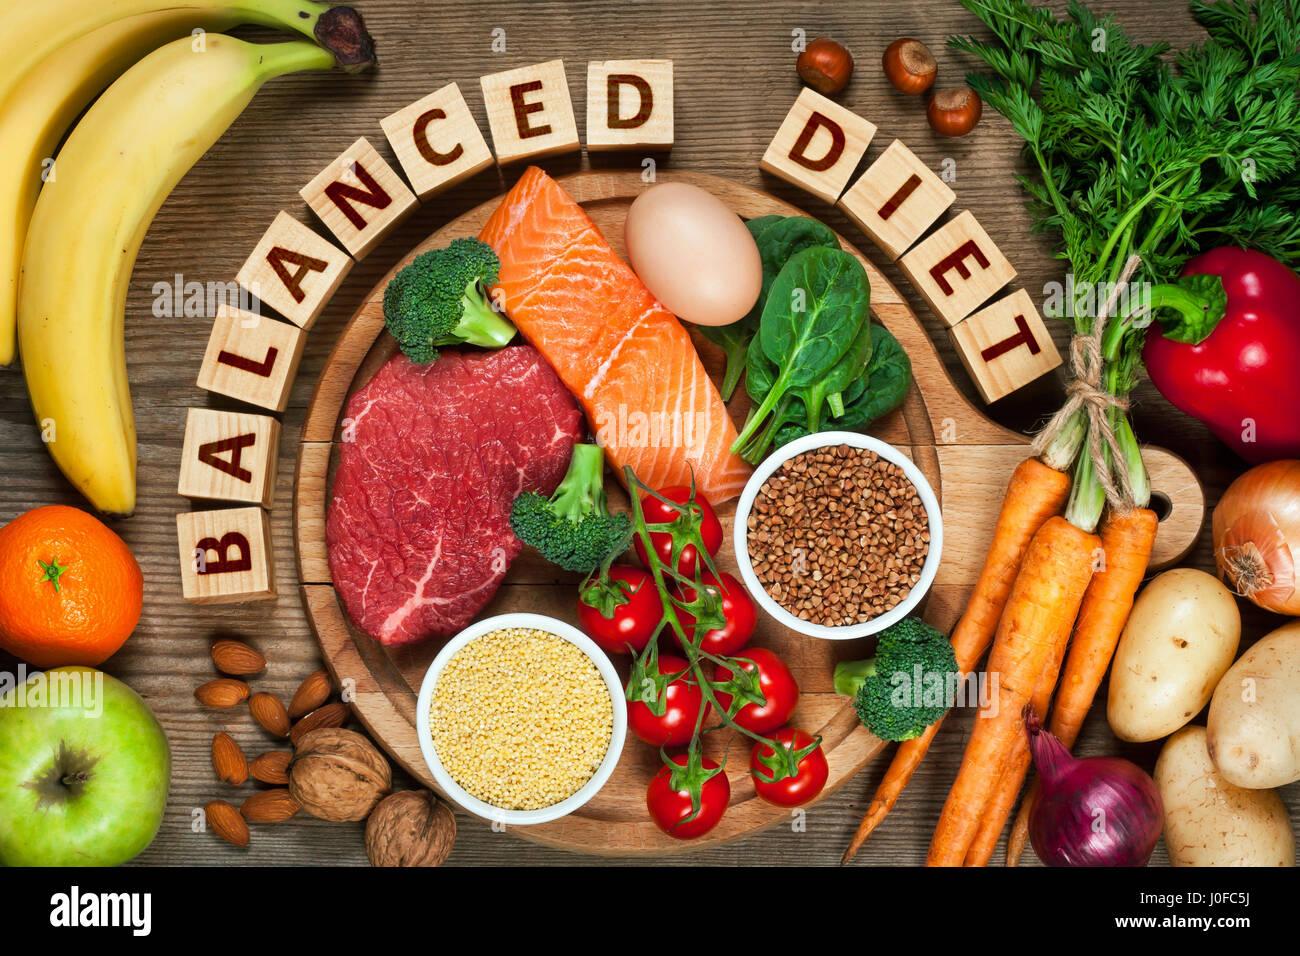 Alimentation équilibrée - Alimentation saine sur table en bois Photo Stock